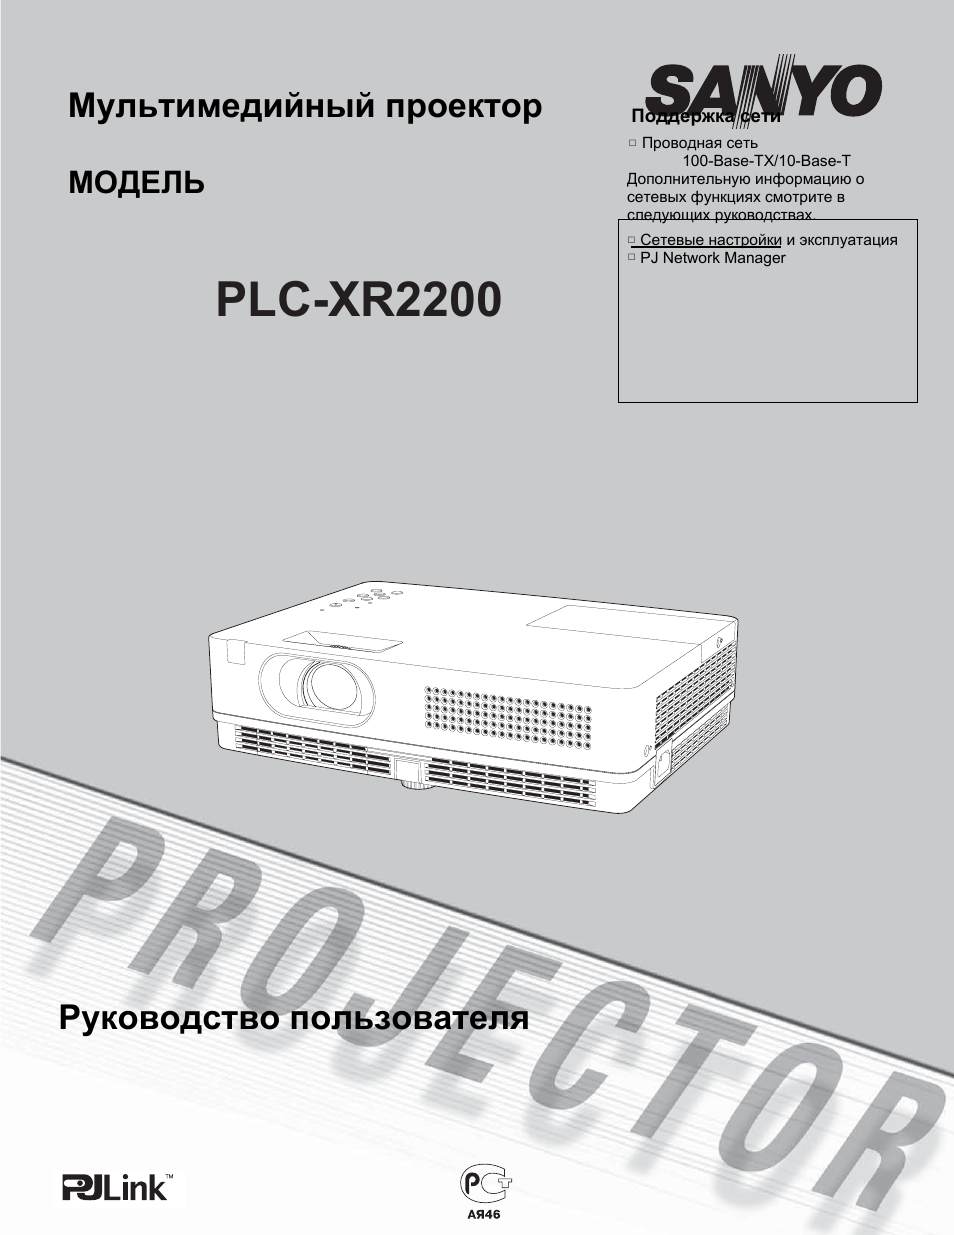 Инструкция по пользованию мультимедийным проектором